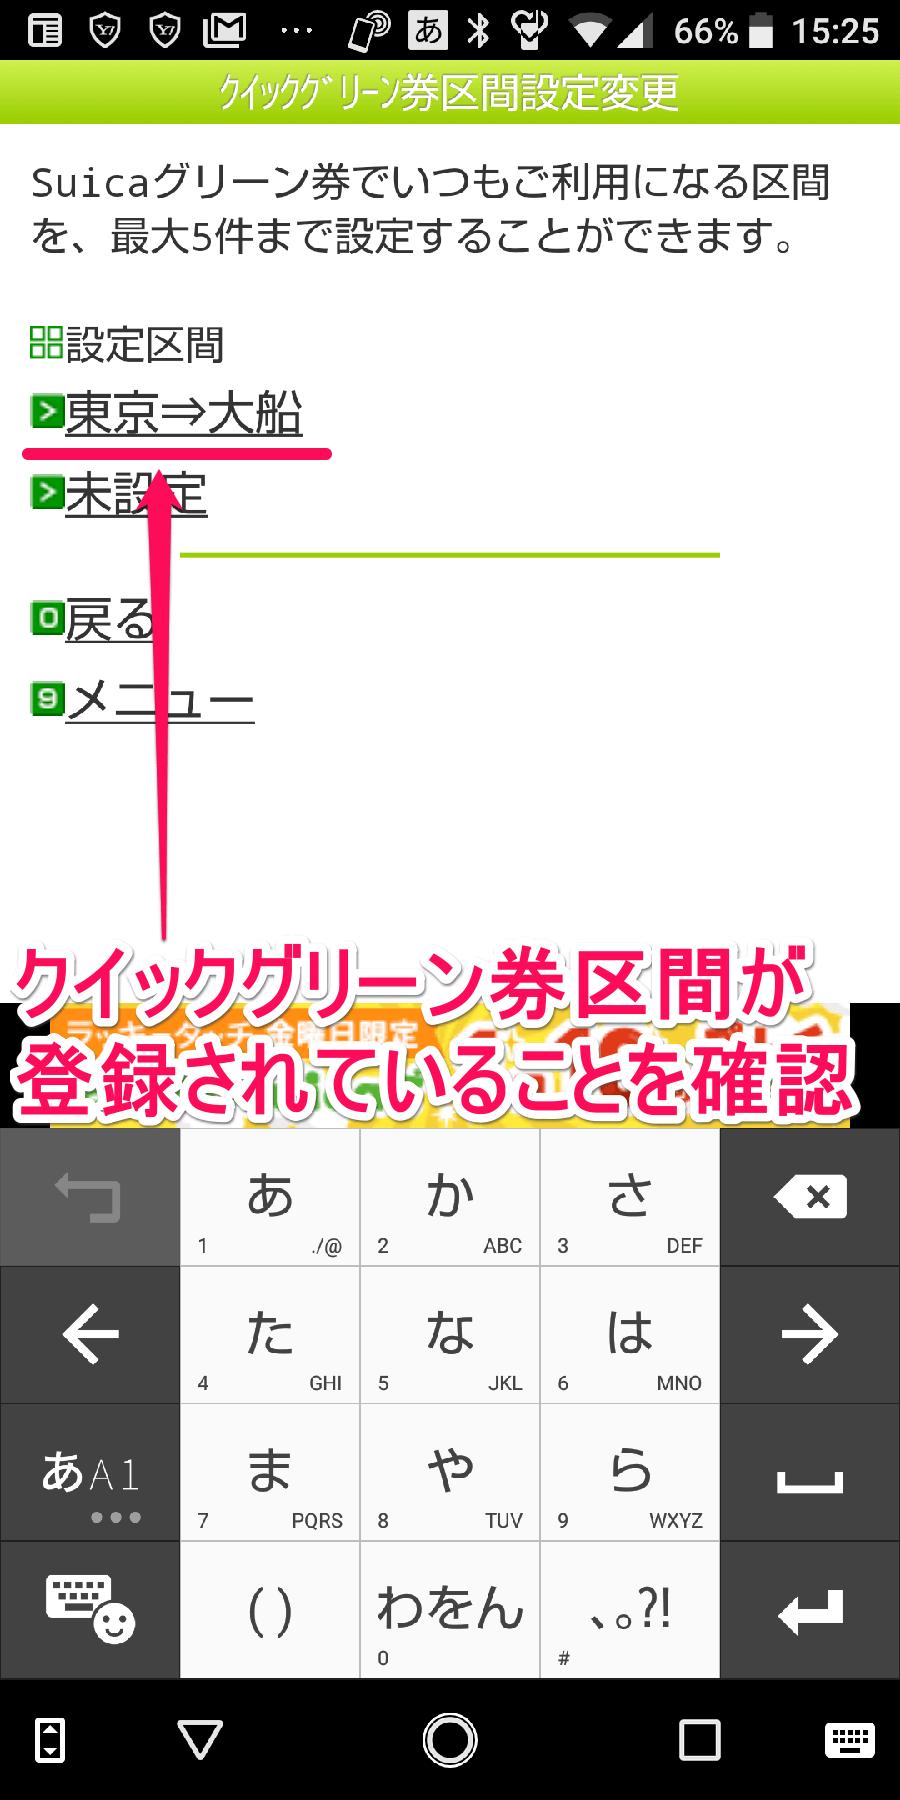 Android(アンドロイド)スマートフォン版「モバイルSuica」アプリの「クイックグリーン券区間設定変更」画面その2